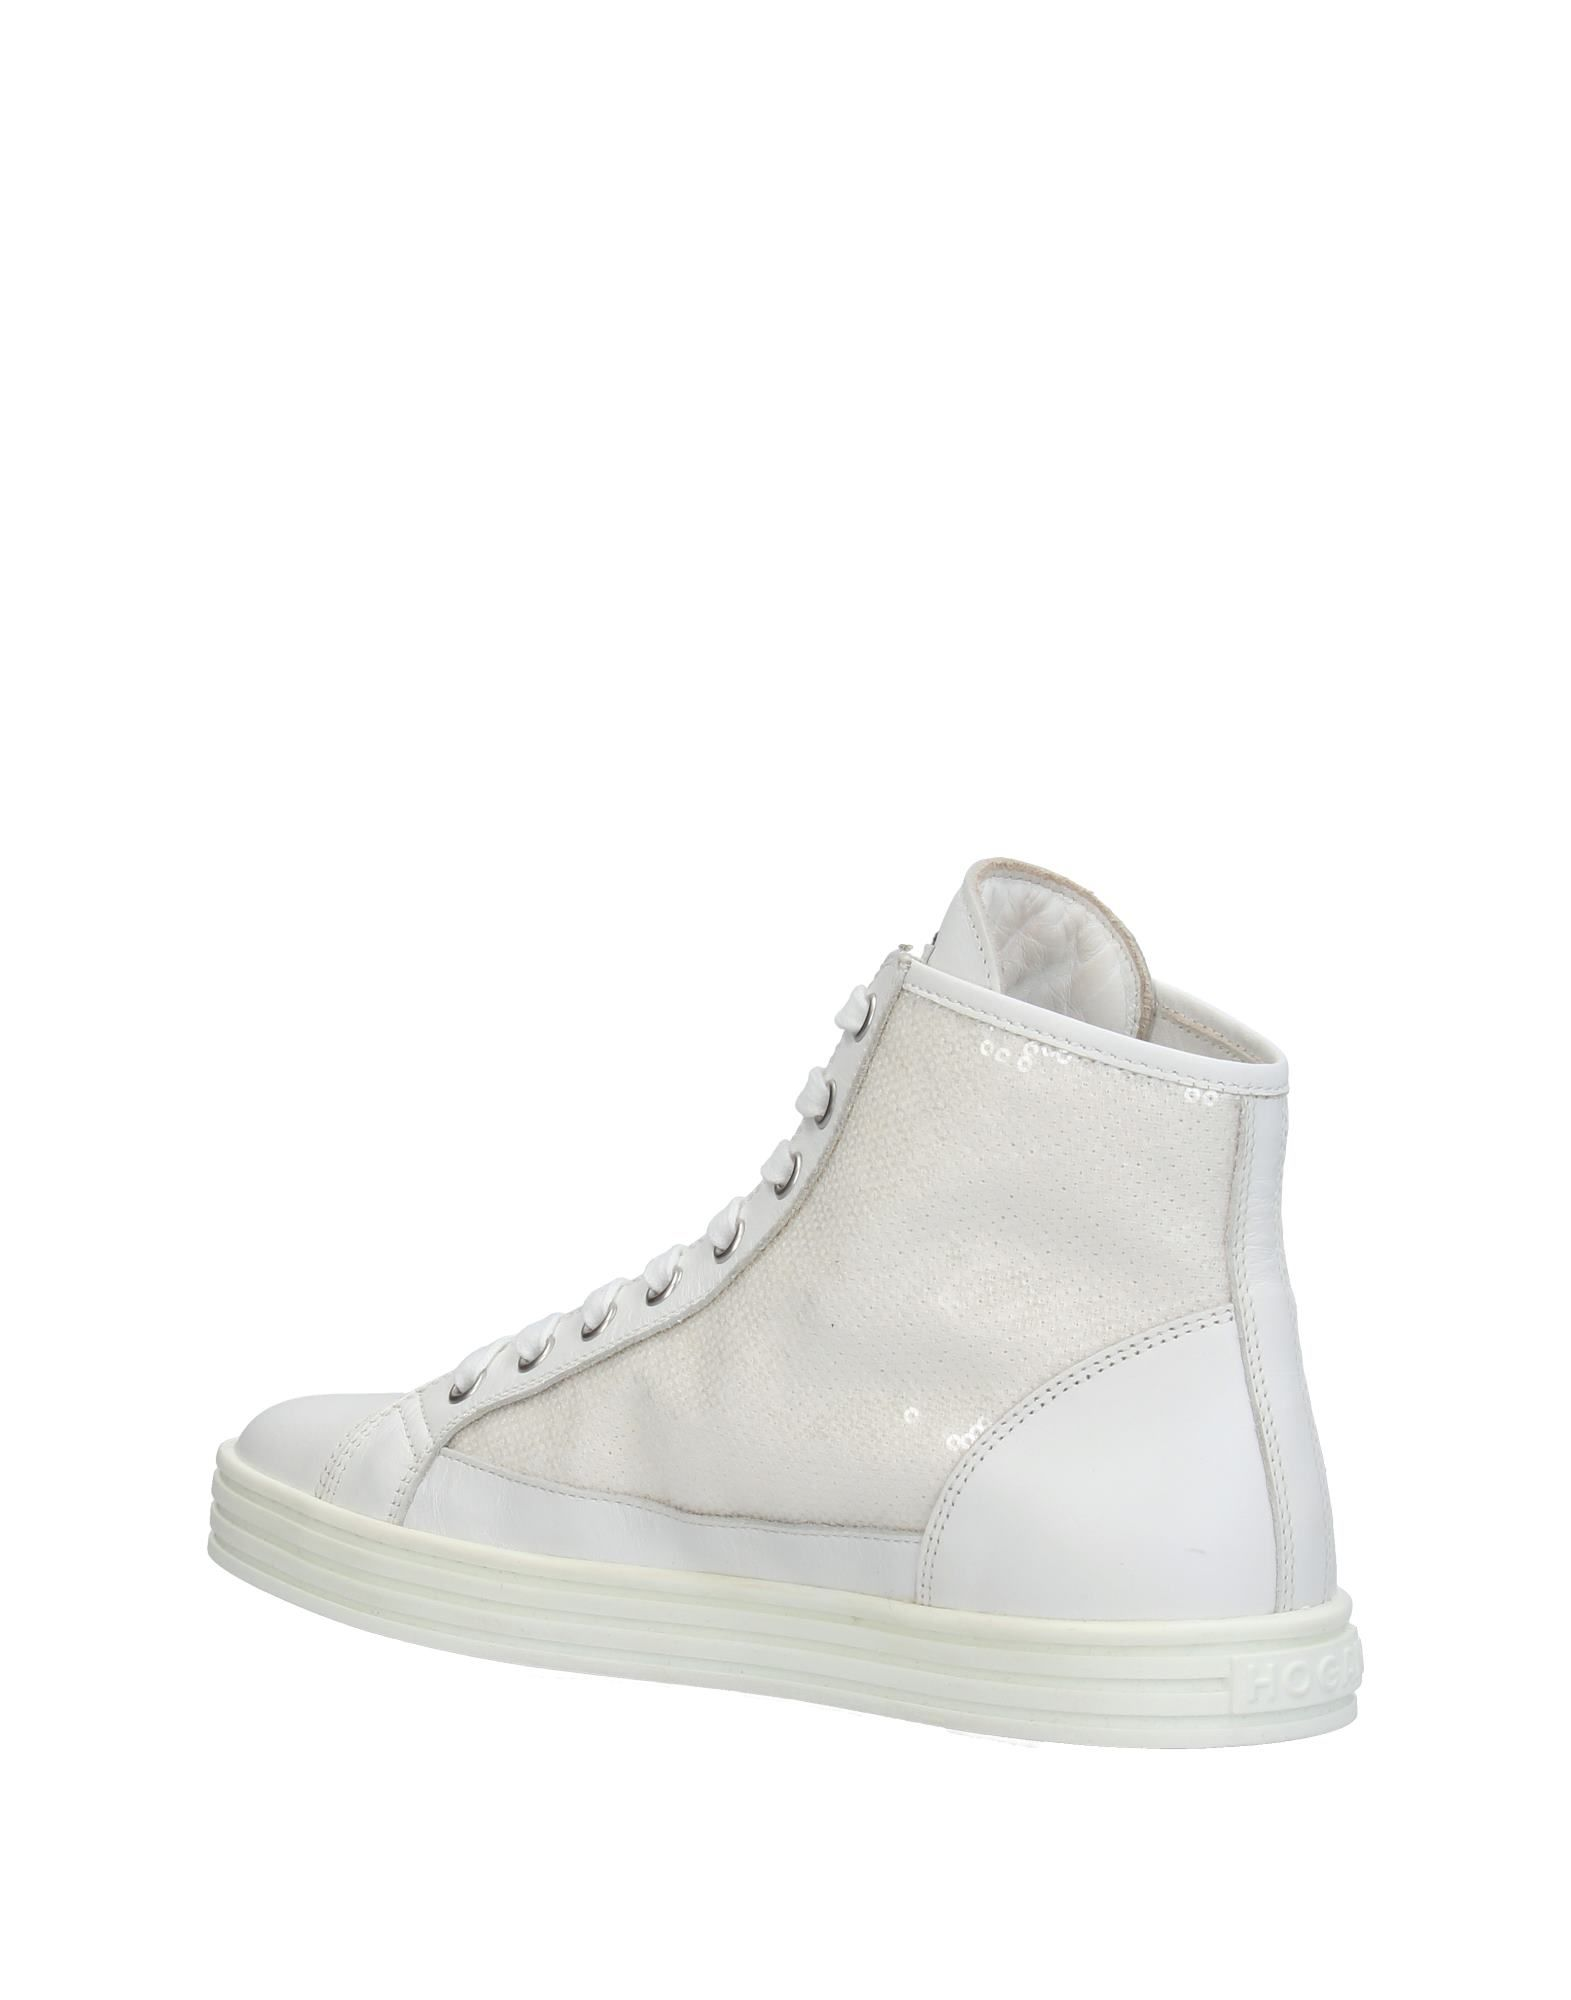 Stilvolle billige Sneakers Schuhe Hogan Rebel Sneakers billige Damen  11397018VG 950e80